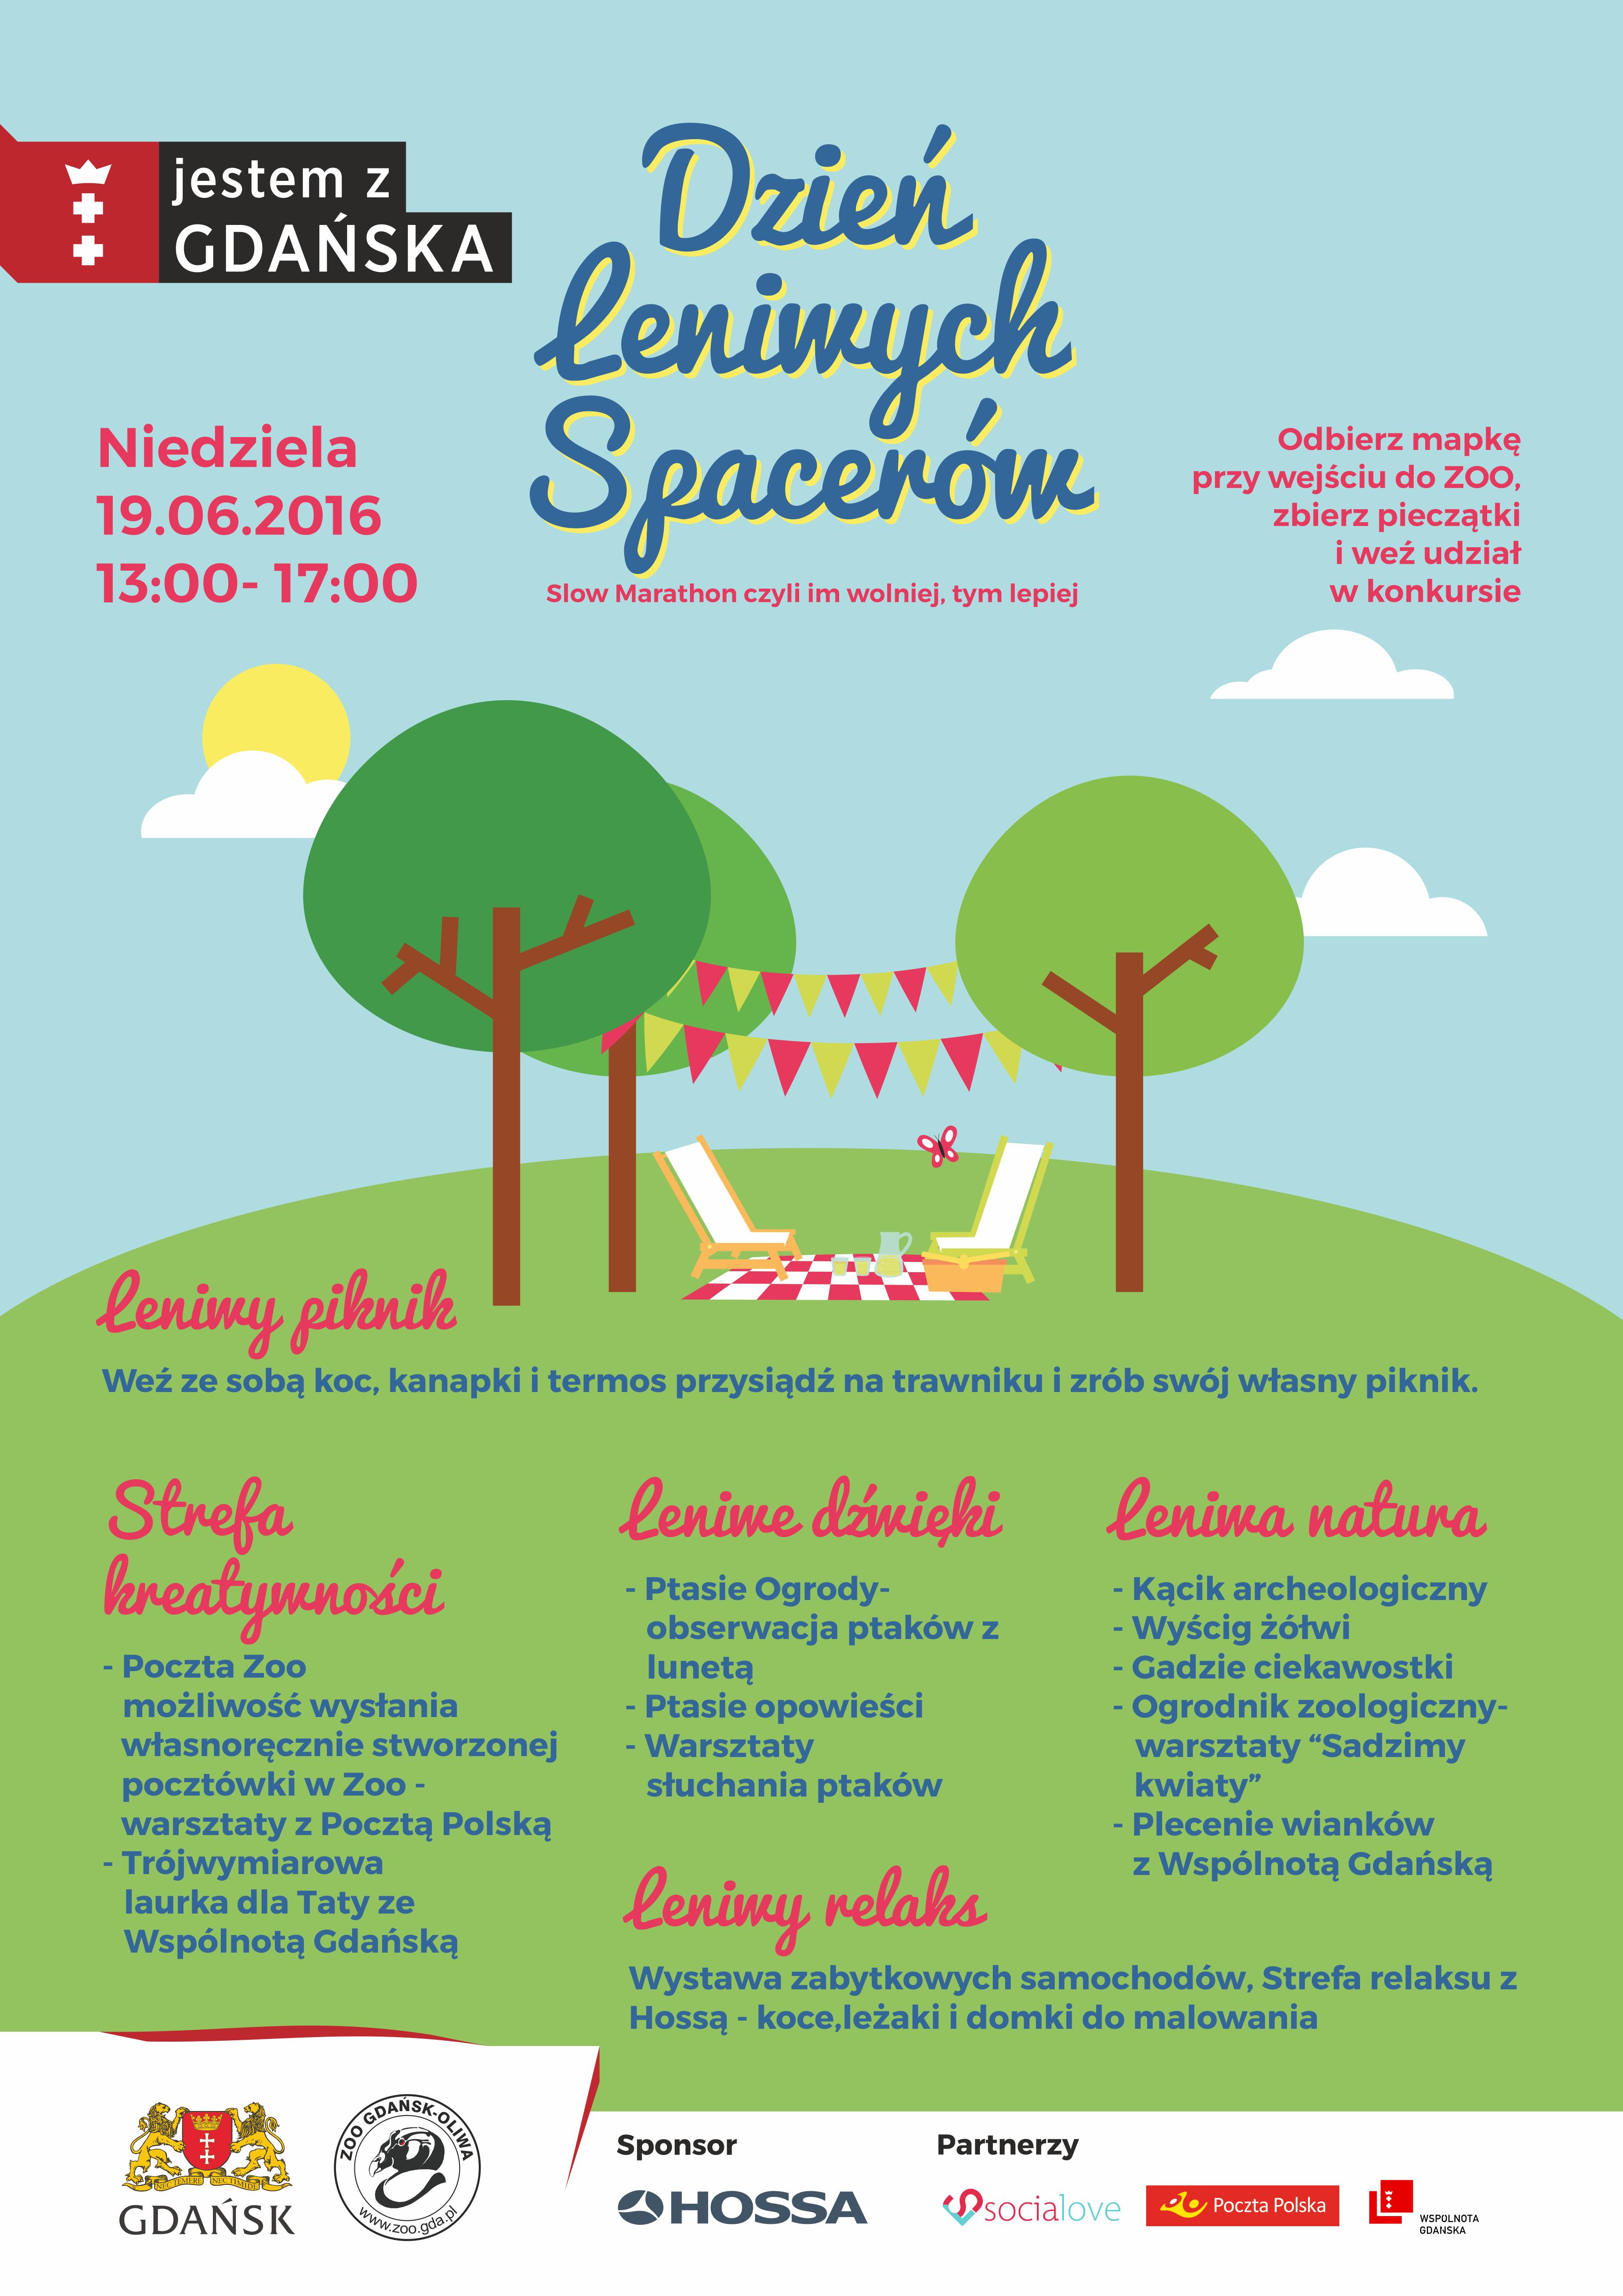 Dzien-Leniwych-Spacerow-w-gdanskim-zoo-plakat-75065-[www.gdansk.pl]